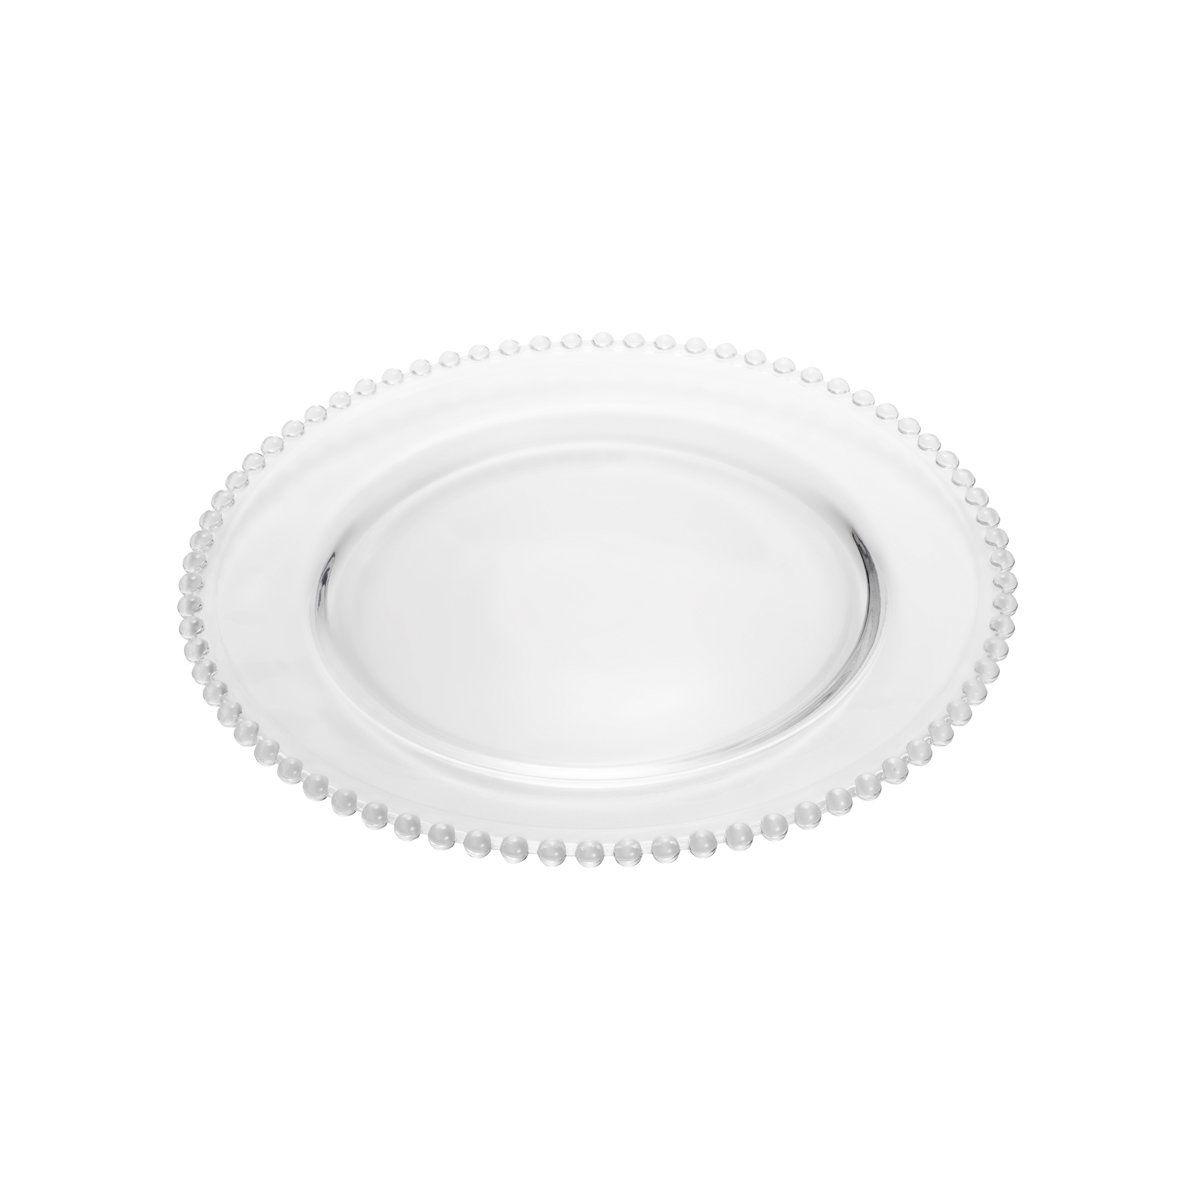 Sousplat 31,5 cm de cristal transparente Pearl Wolff - 2670